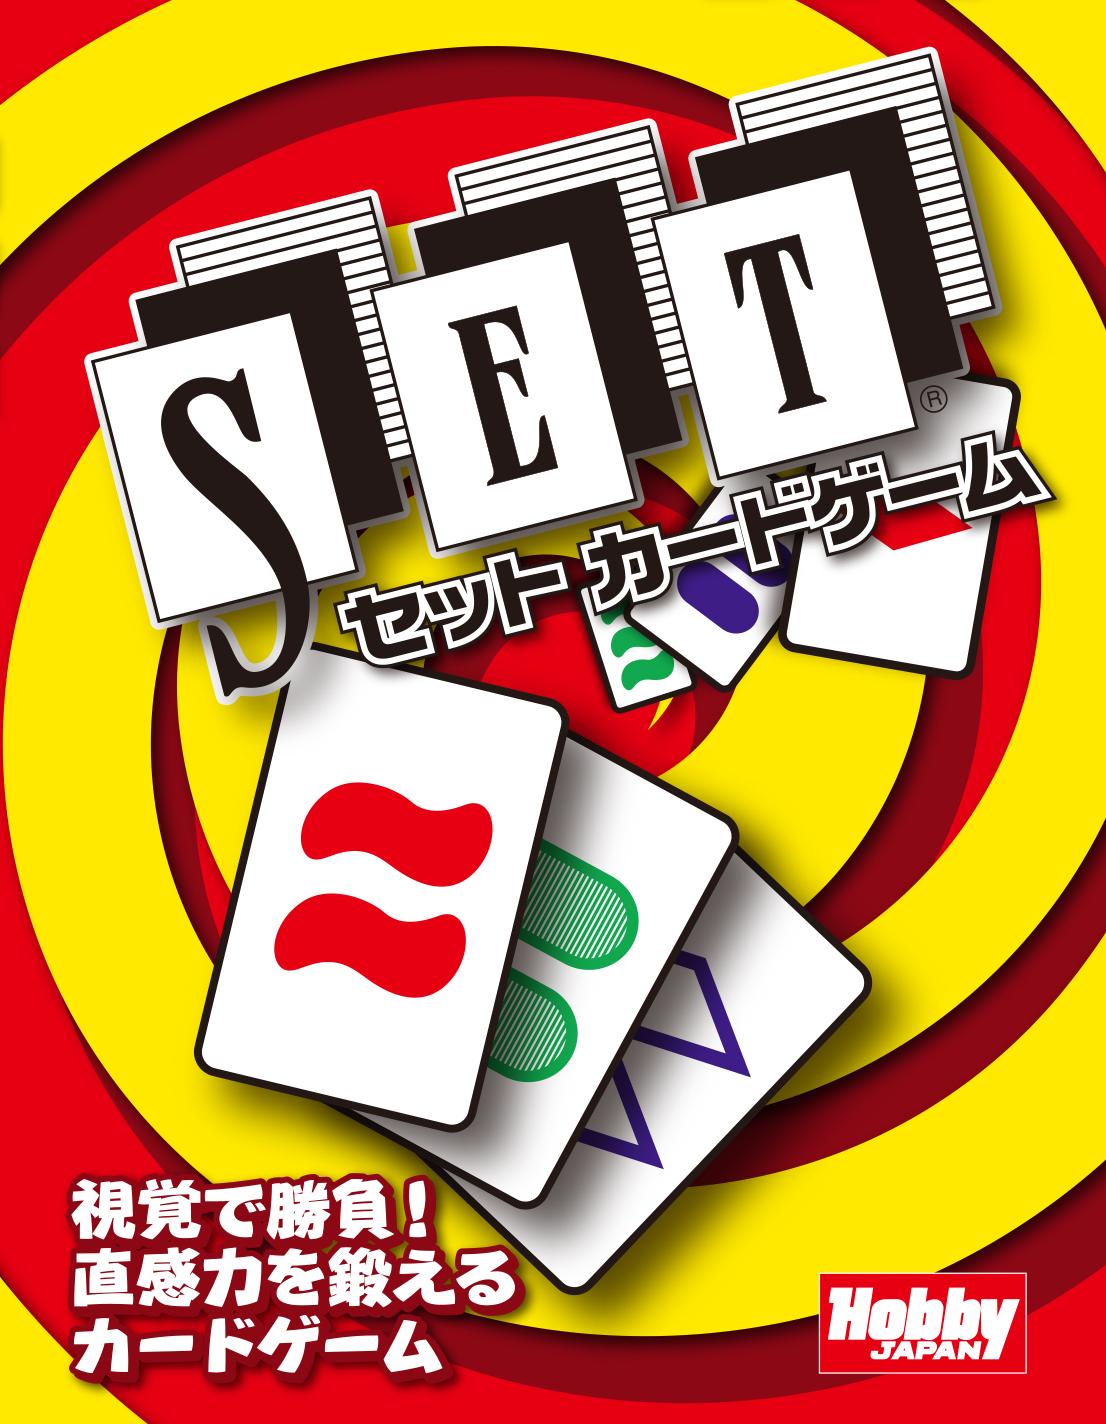 視覚で勝負! 直感力を鍛えるカードゲーム 「SET(セット)カードゲーム」 日本語版 10月上旬発売予定